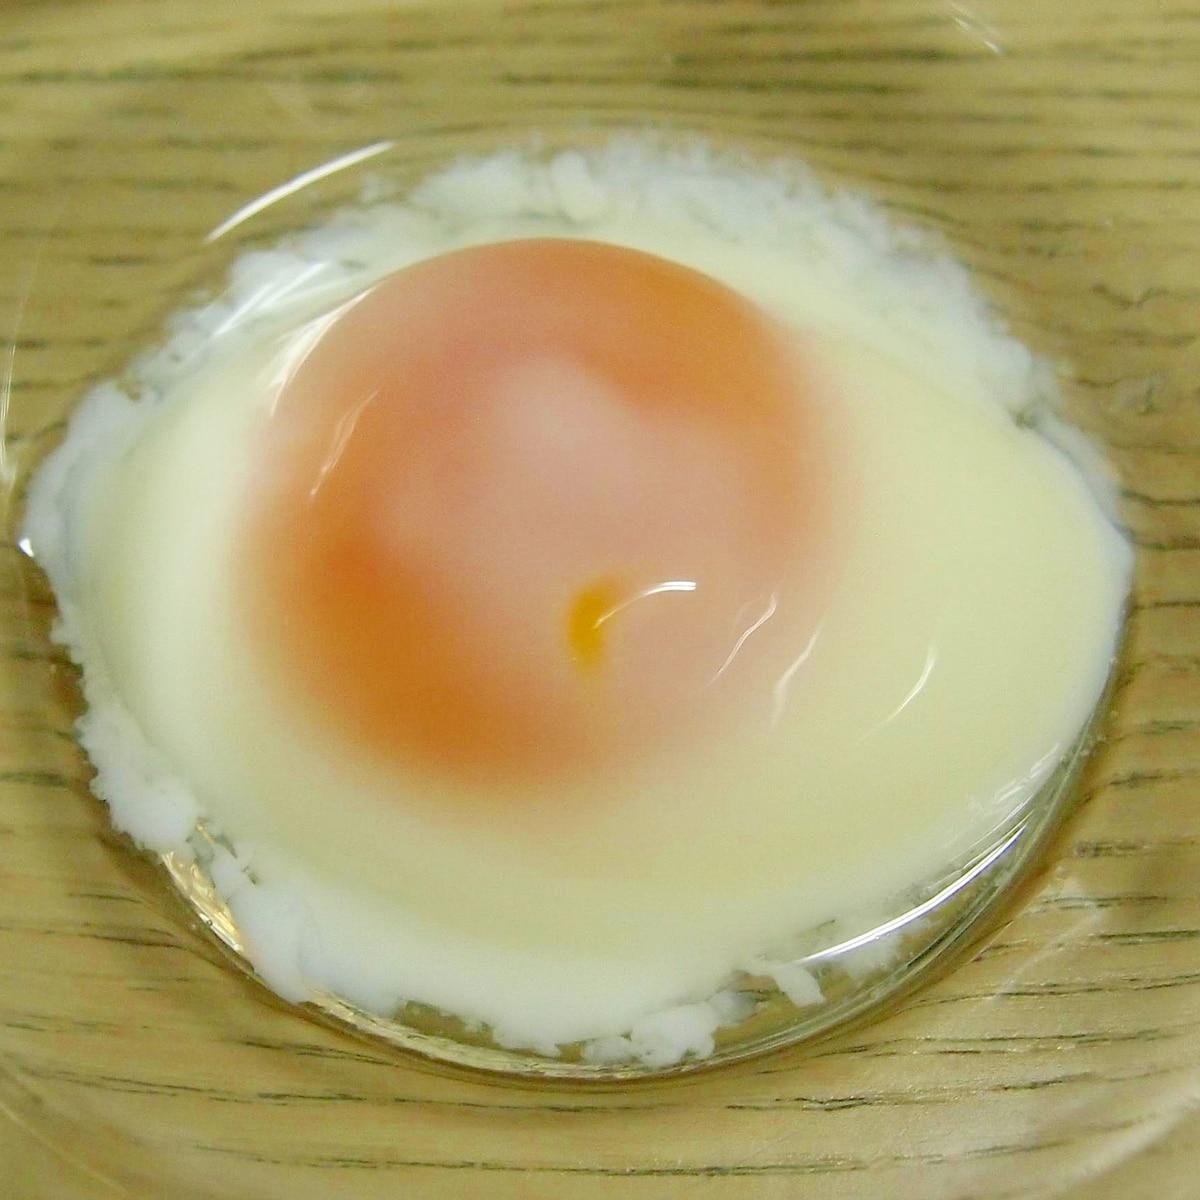 温泉 卵 レンジ 温泉卵の作り方|レンジで簡単!美味しいたれレシピも